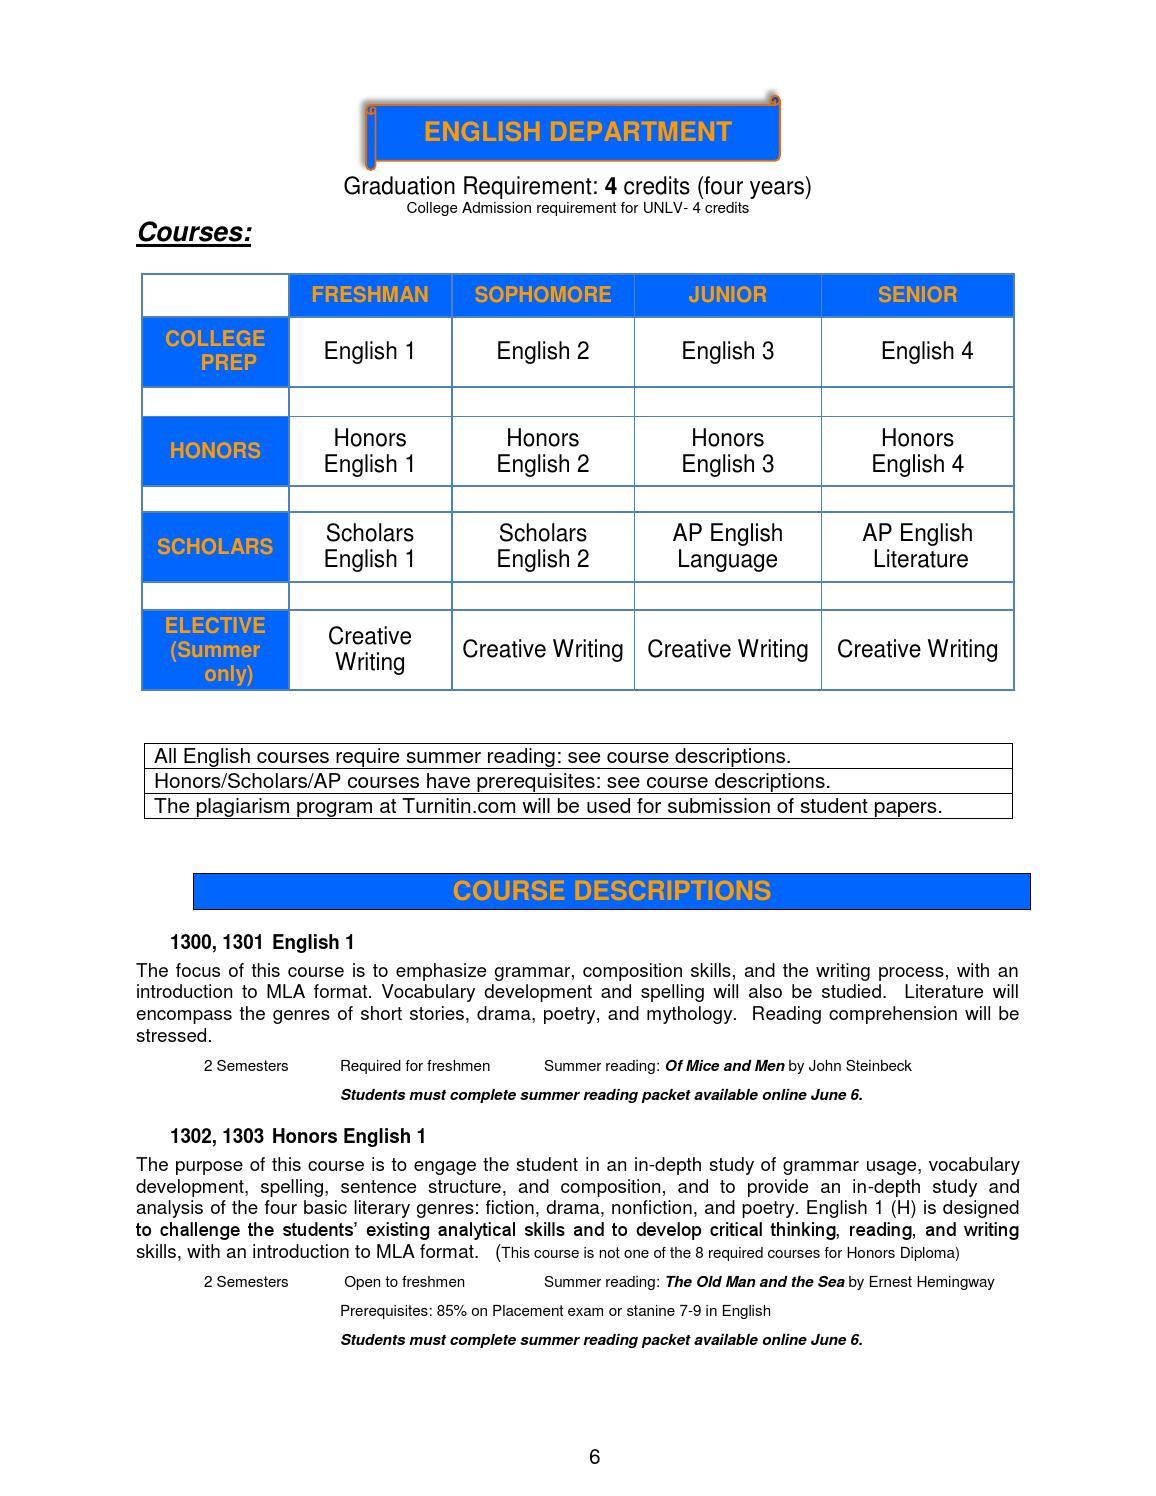 scholars elective requirements honours courses pdf